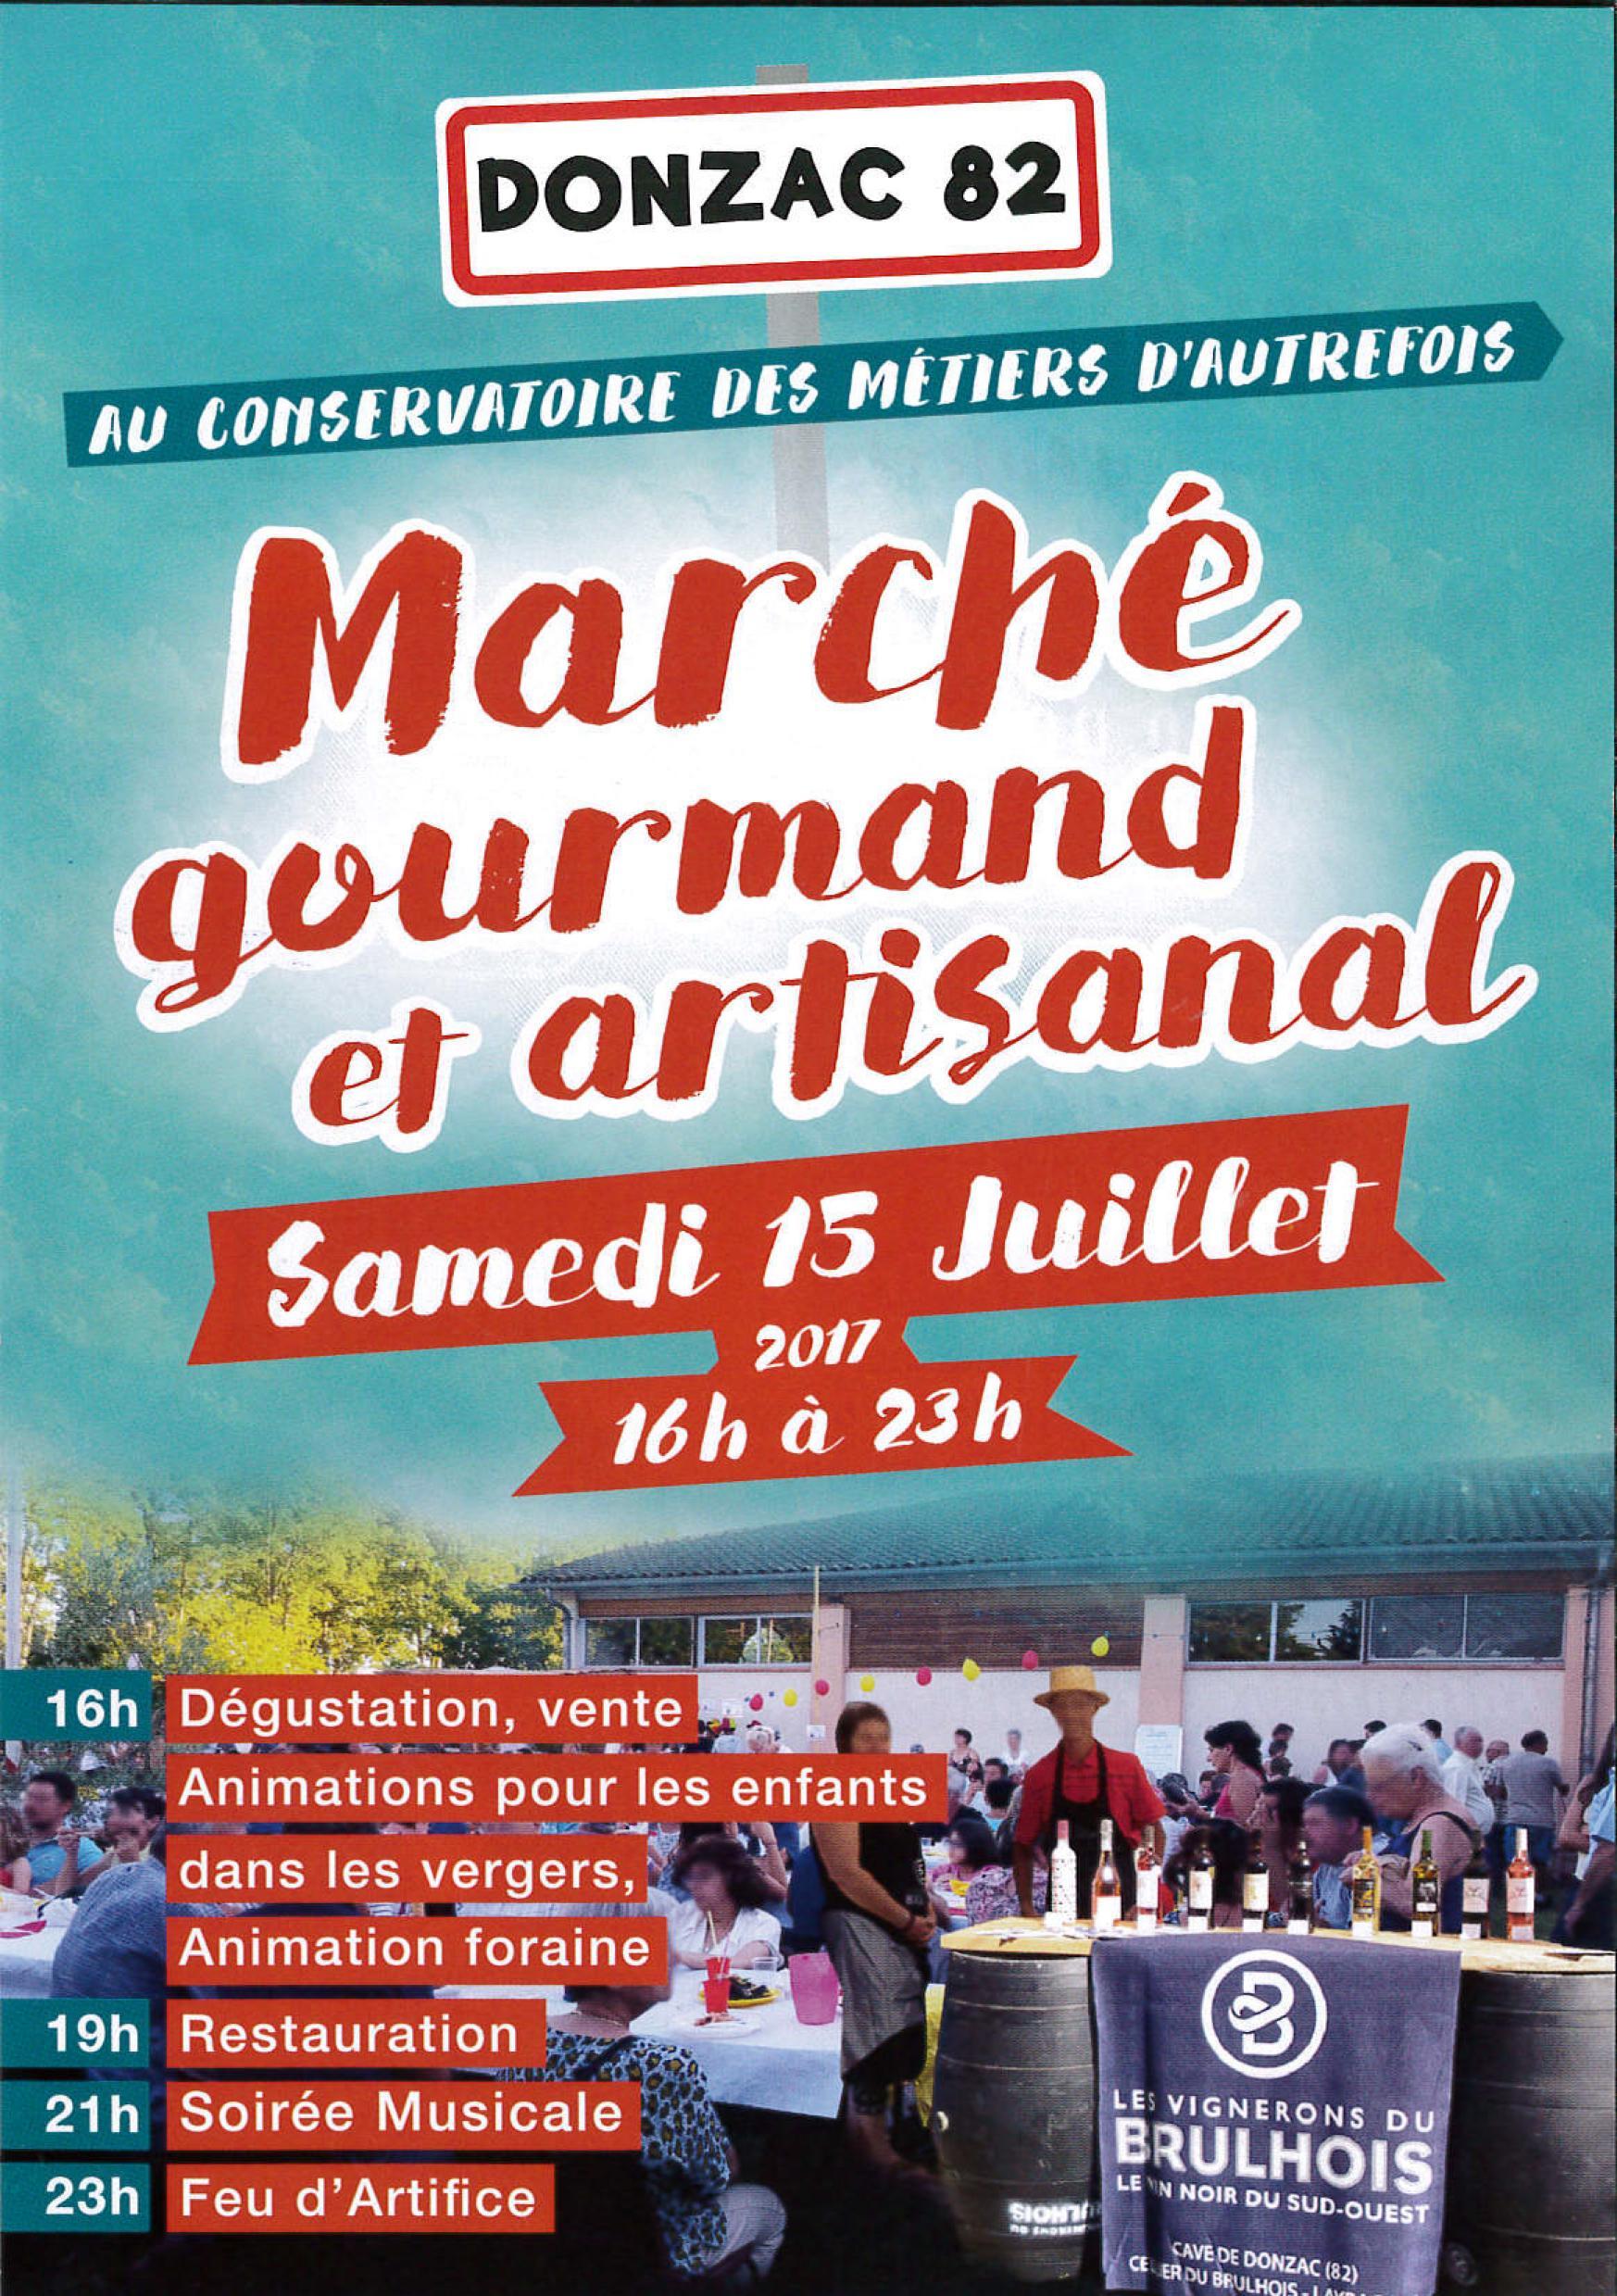 Etude De Marche Artisan Electricien marchÉ gourmand - mairie de donzac